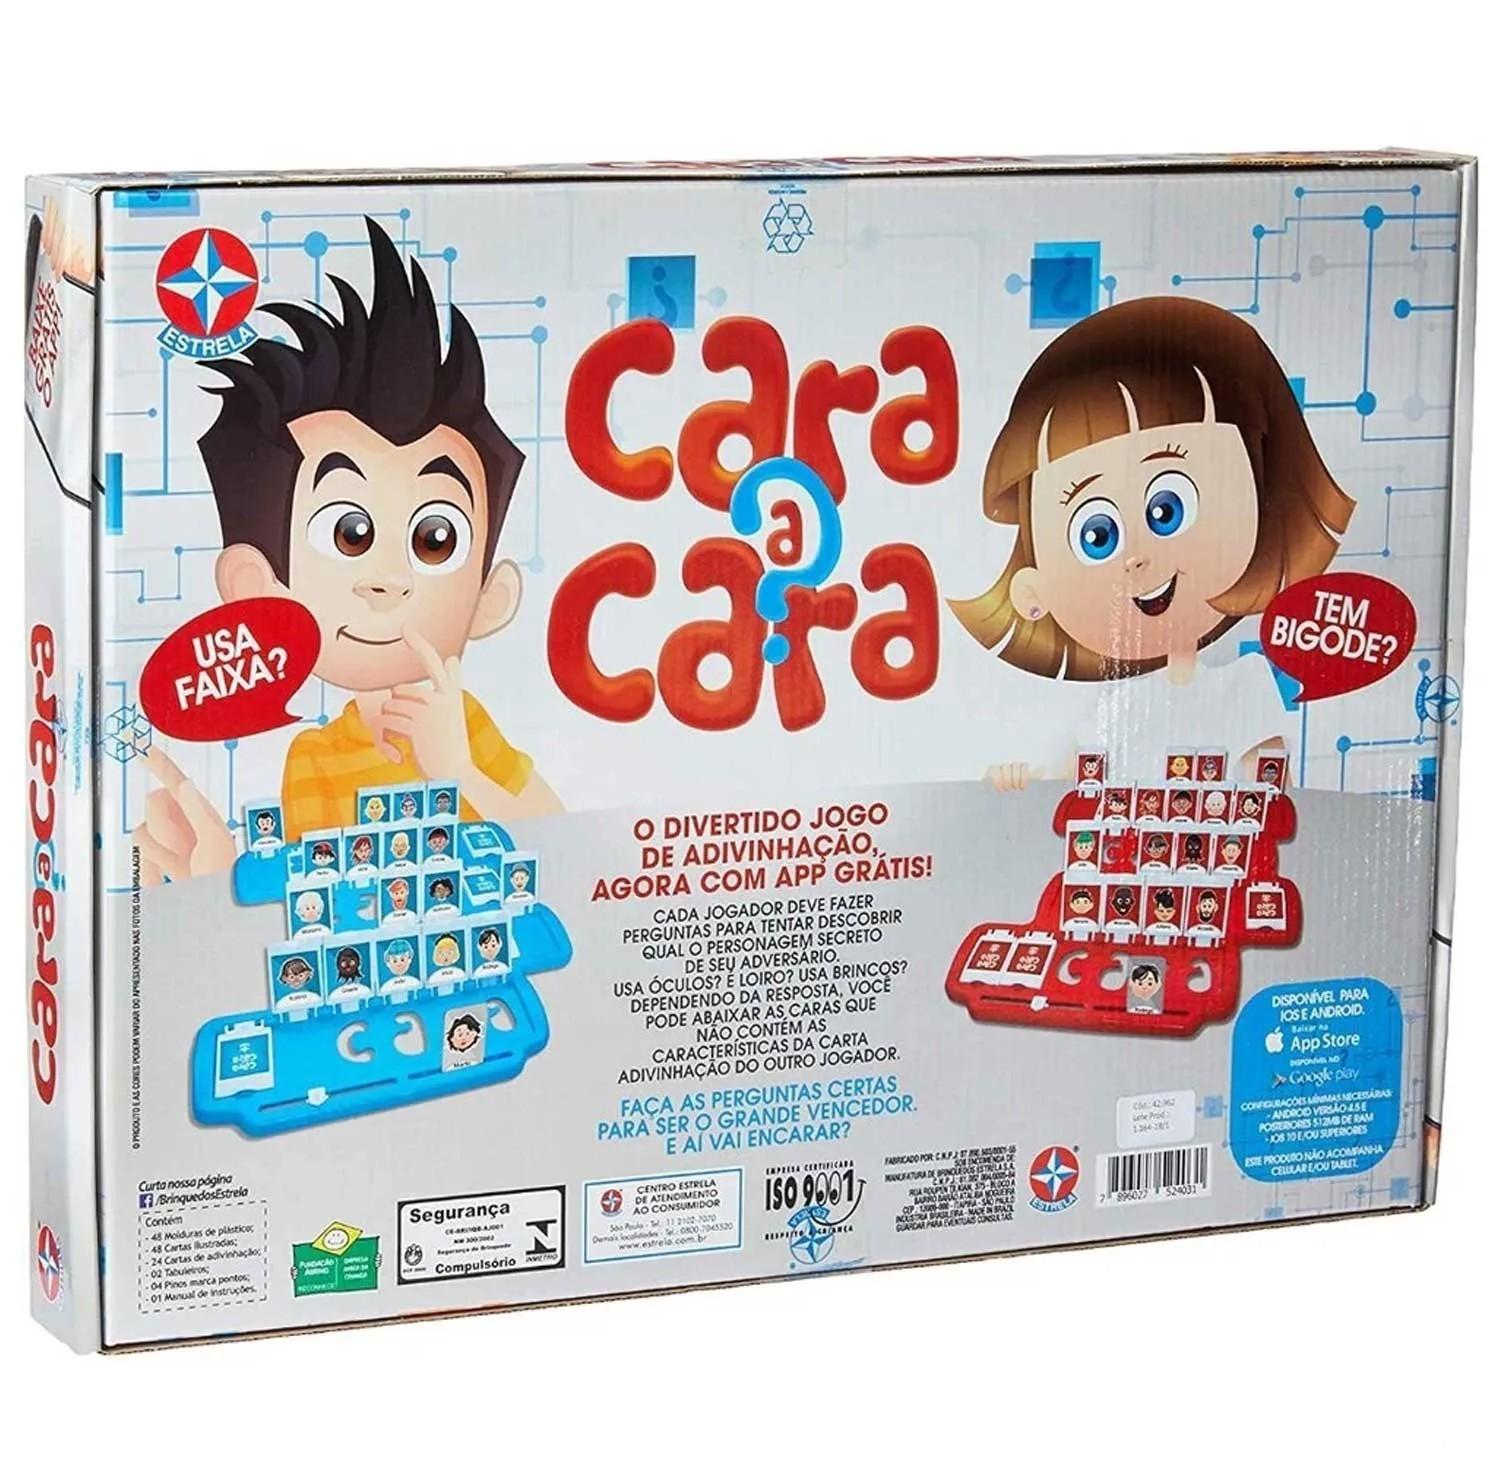 JOGO CARA A CARA REF:1201602900022 6 ANOS+